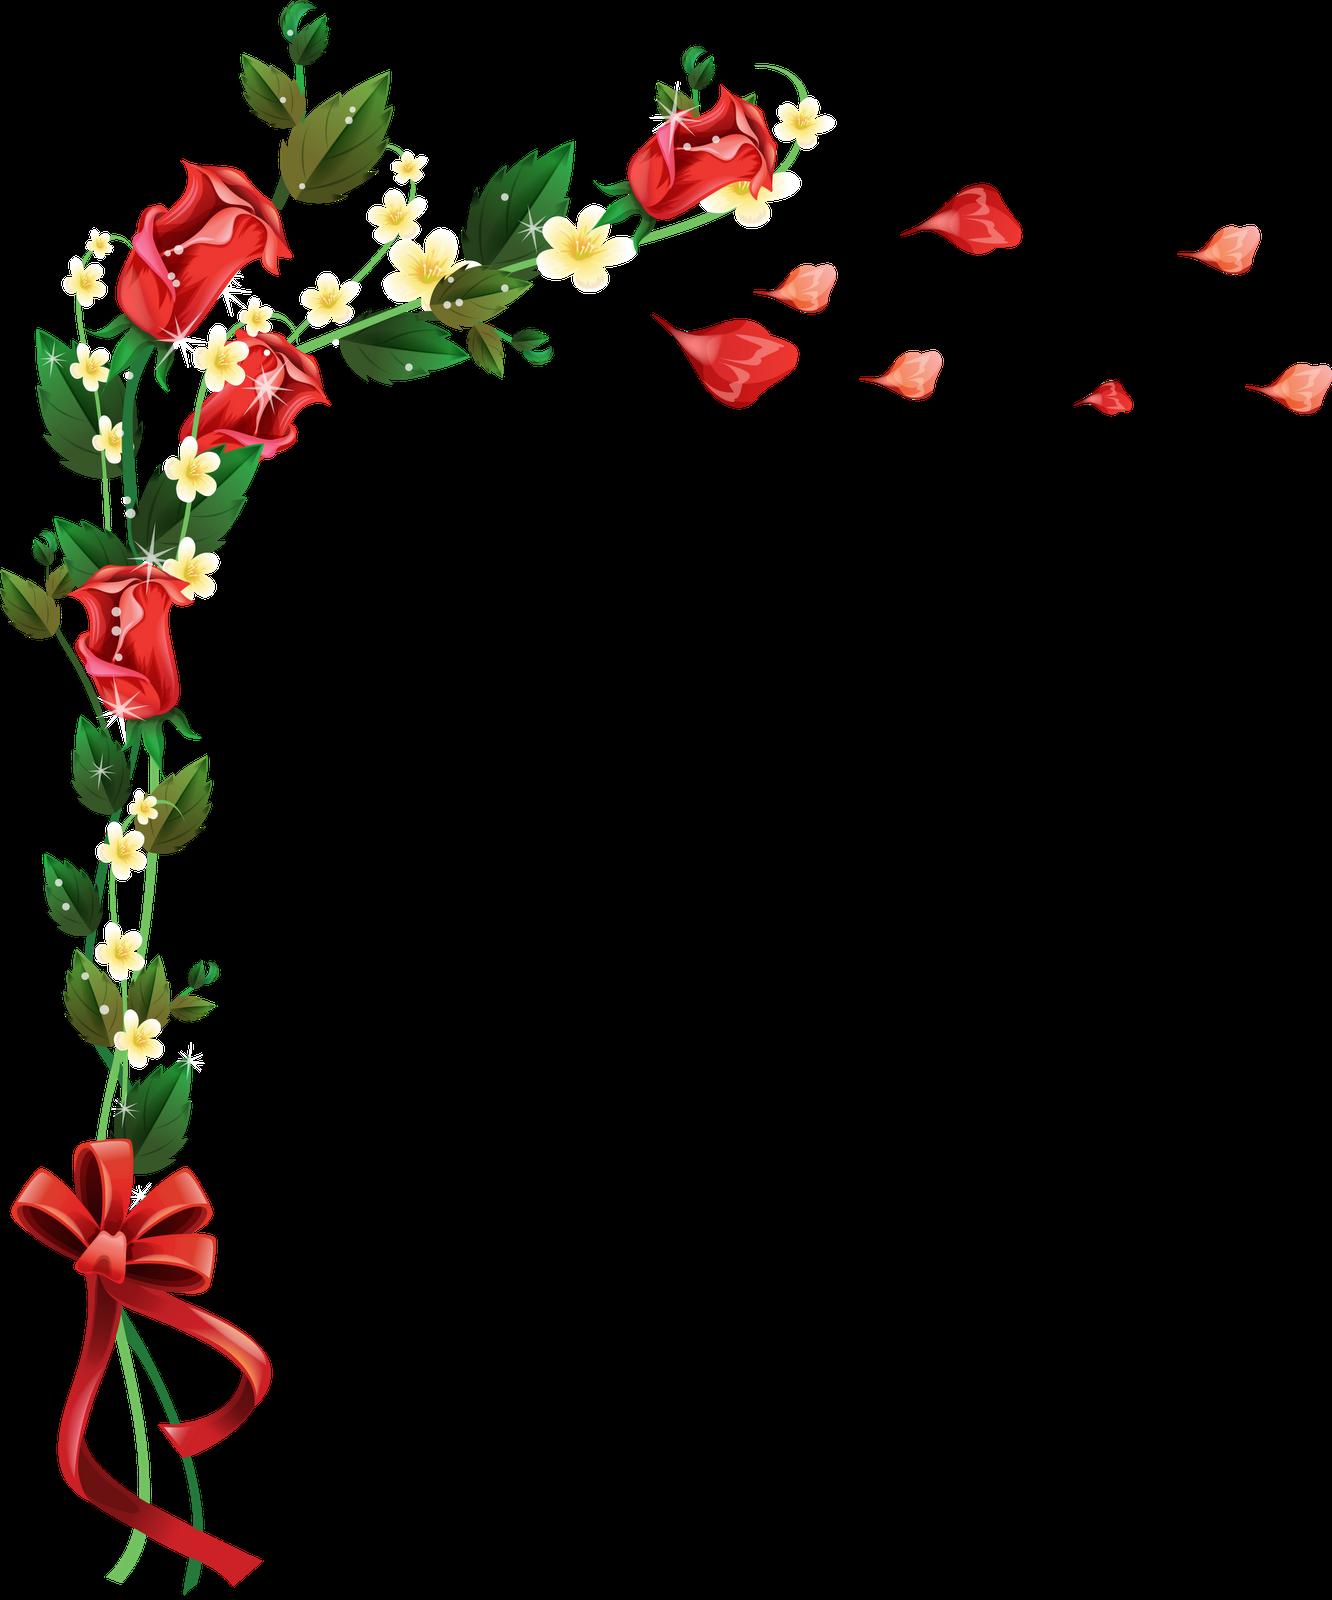 Imagenes de ramas y flores para decorar marcos para - Ramas decoradas ...